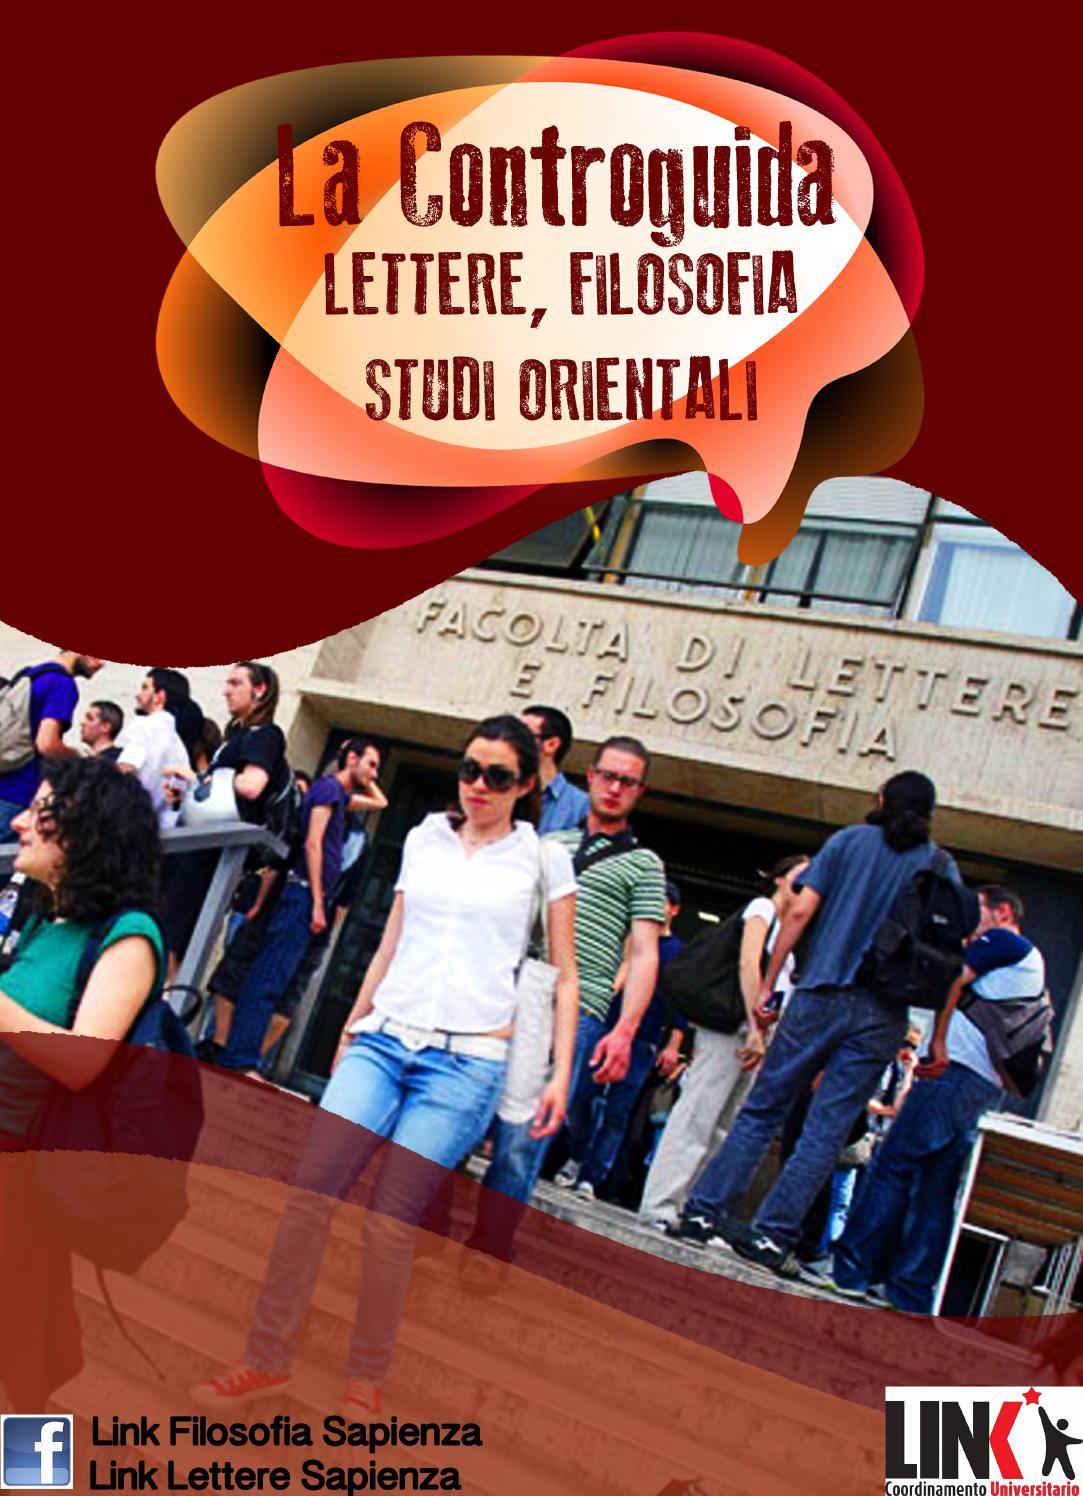 La Controguida LETTERE, FILOSOFIA, STUDI ORIENTALI by Link Roma - issuu